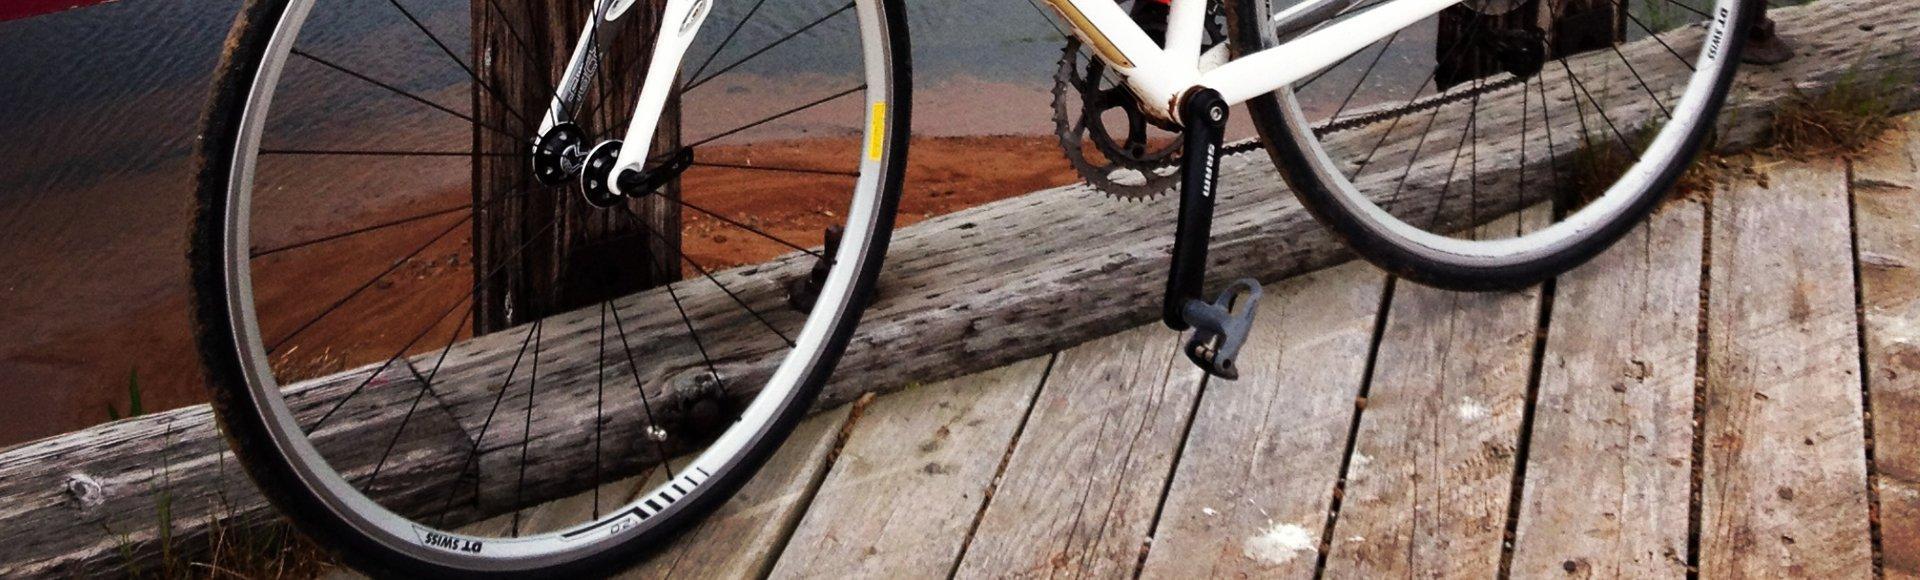 Polizza Bicicletta